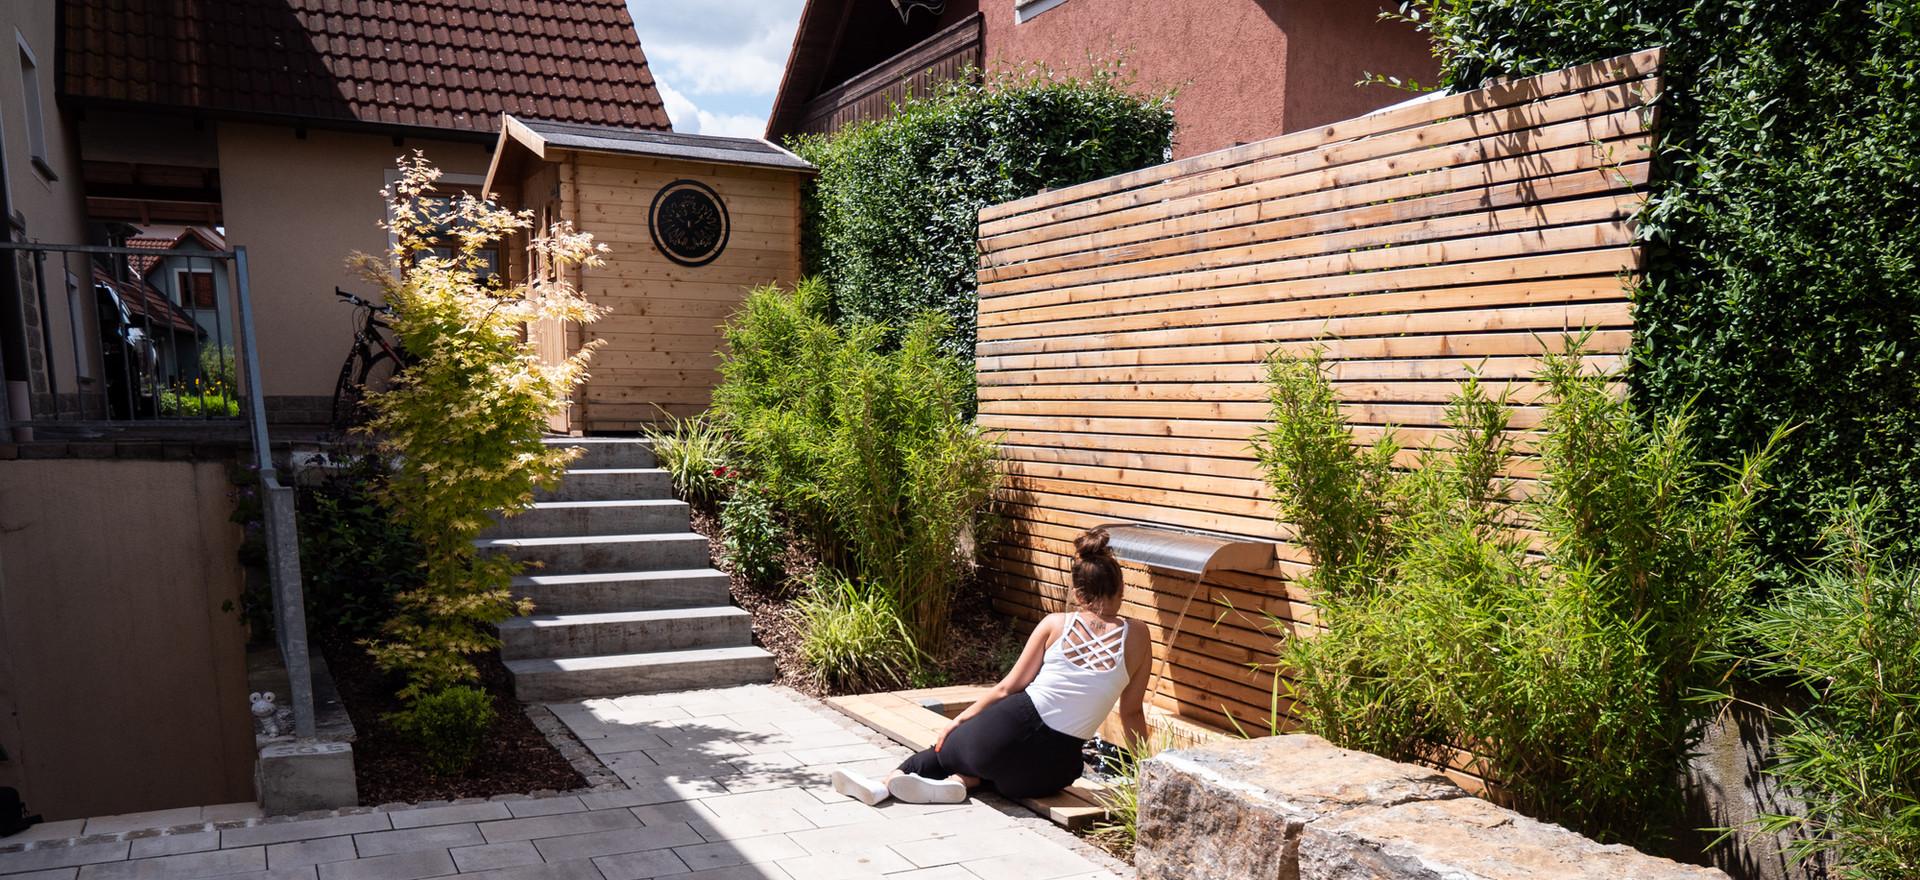 Gartengestaltung, Feuerplatz, Wasserspiel, Häußlein